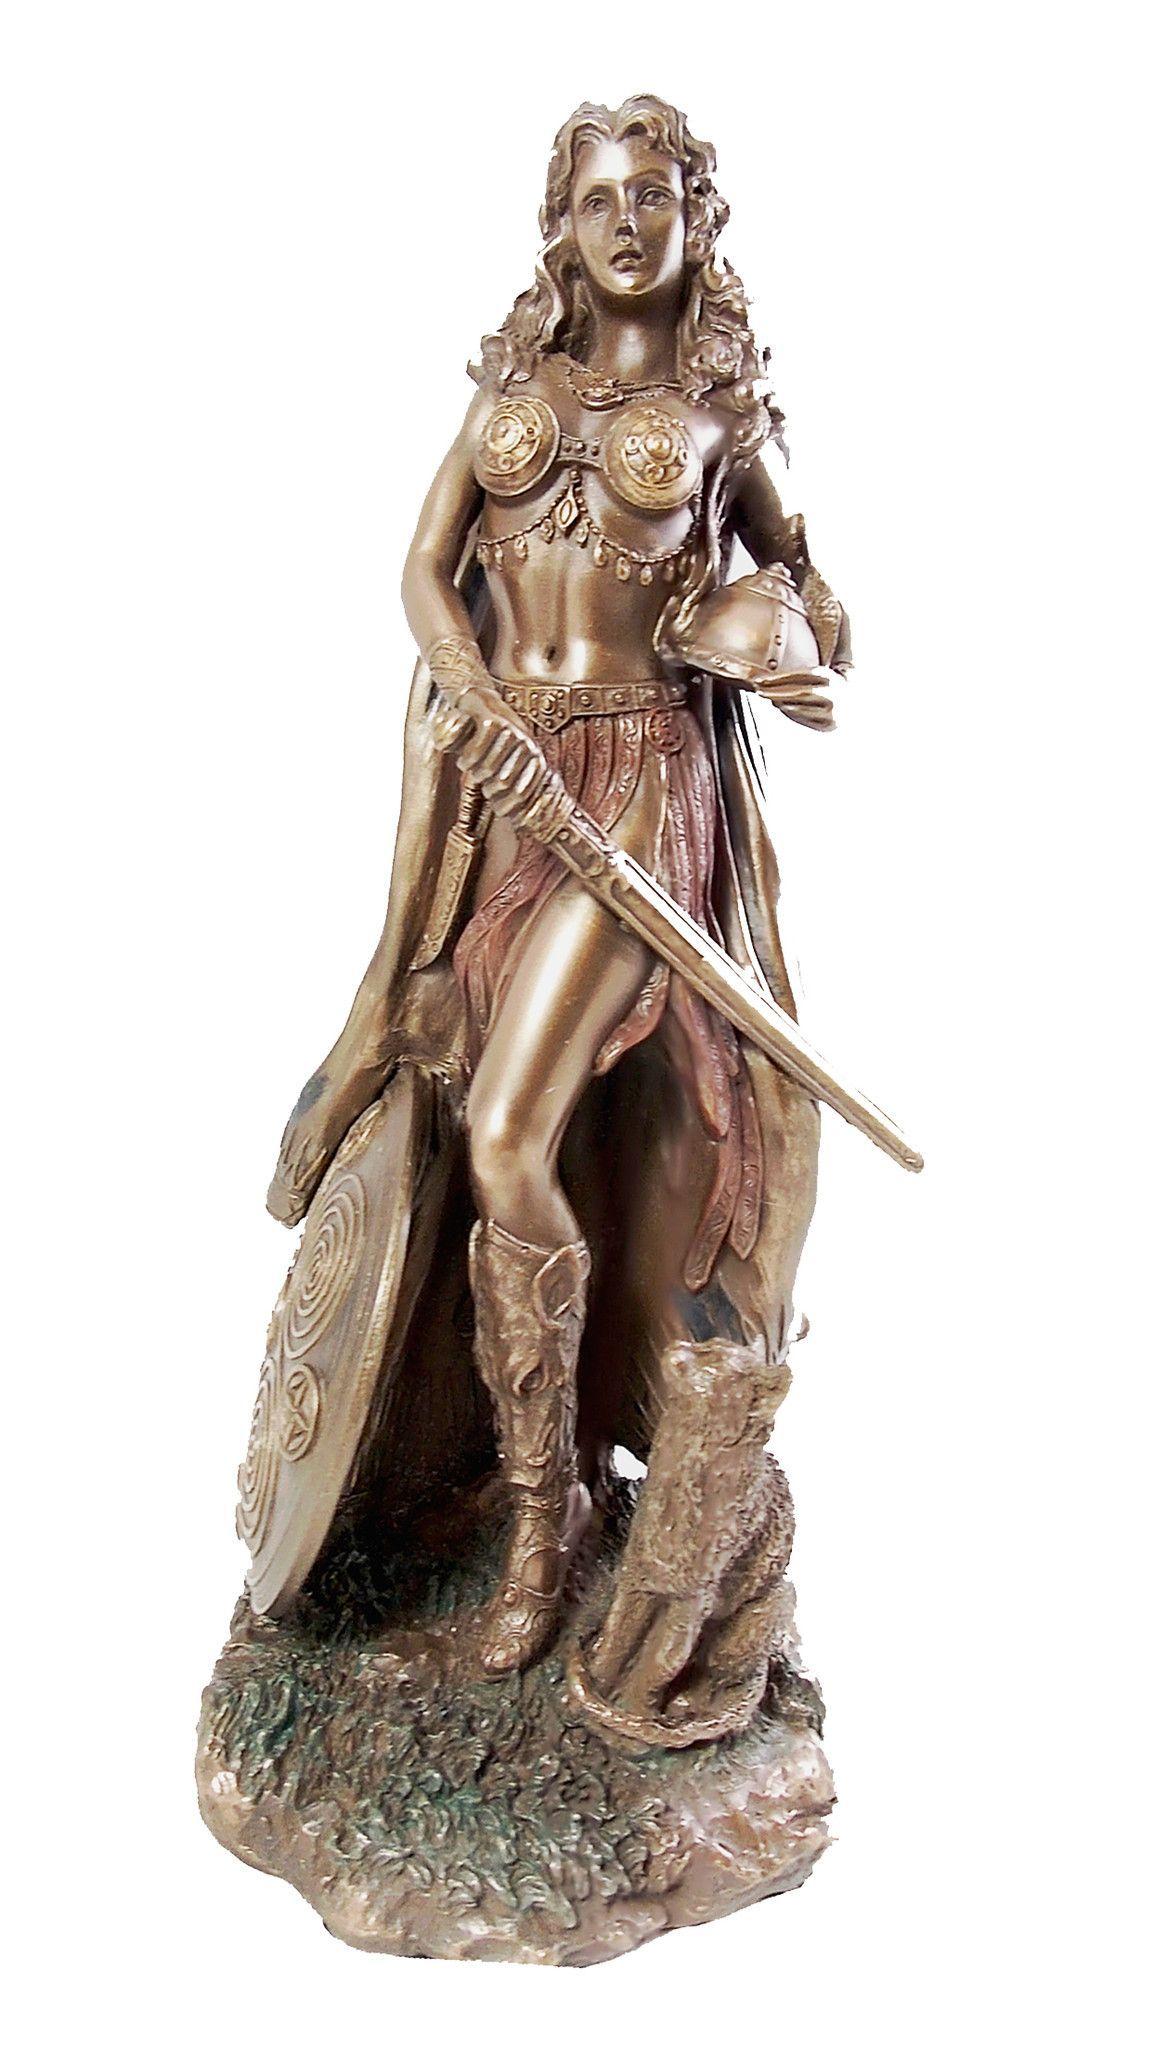 Freya Norse Goddess Of Love and War